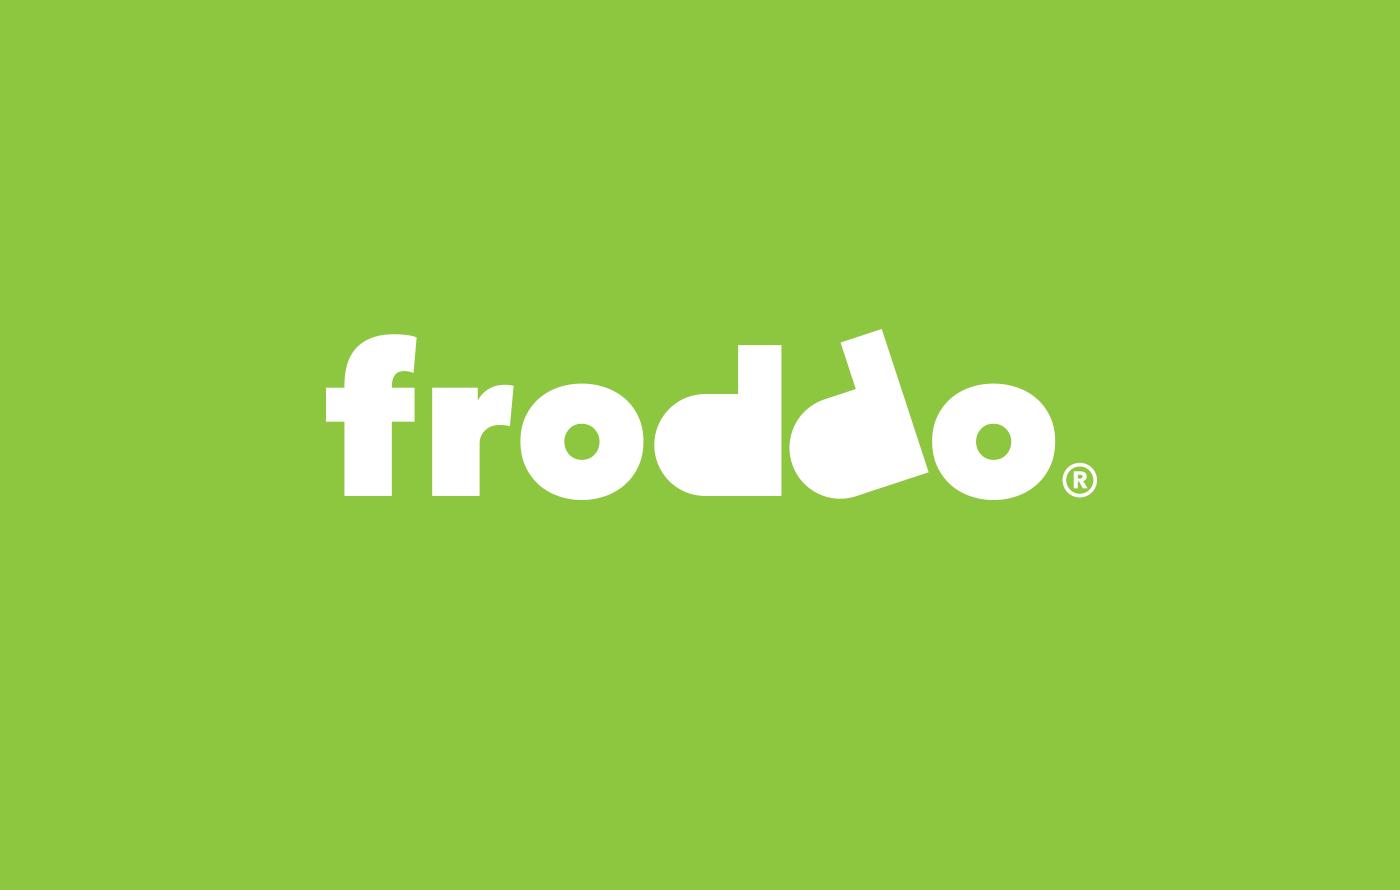 Froddo Children's Footwear